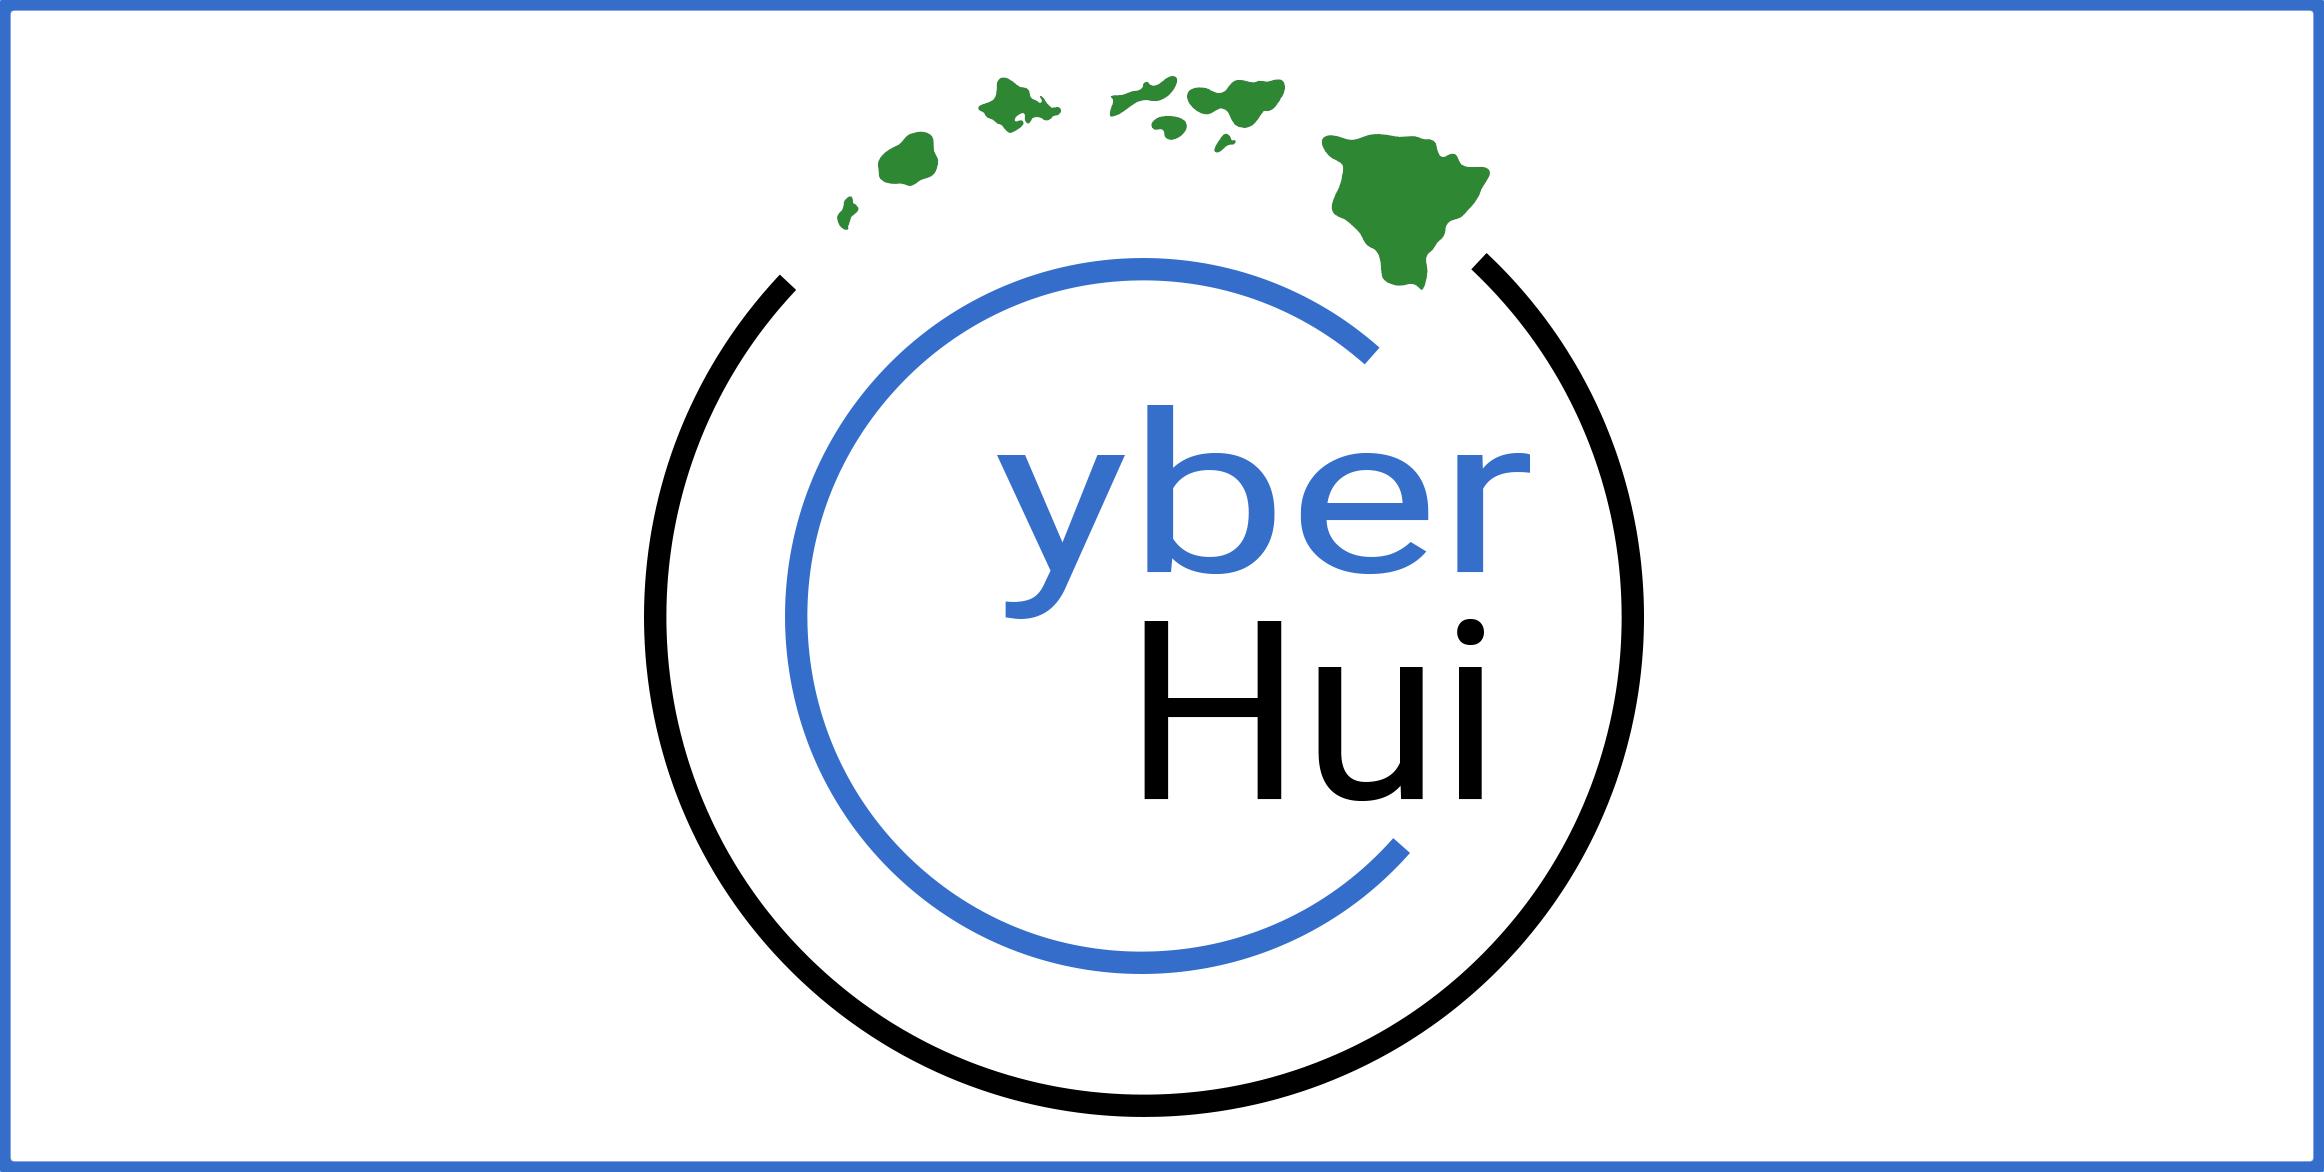 Cyber Hui